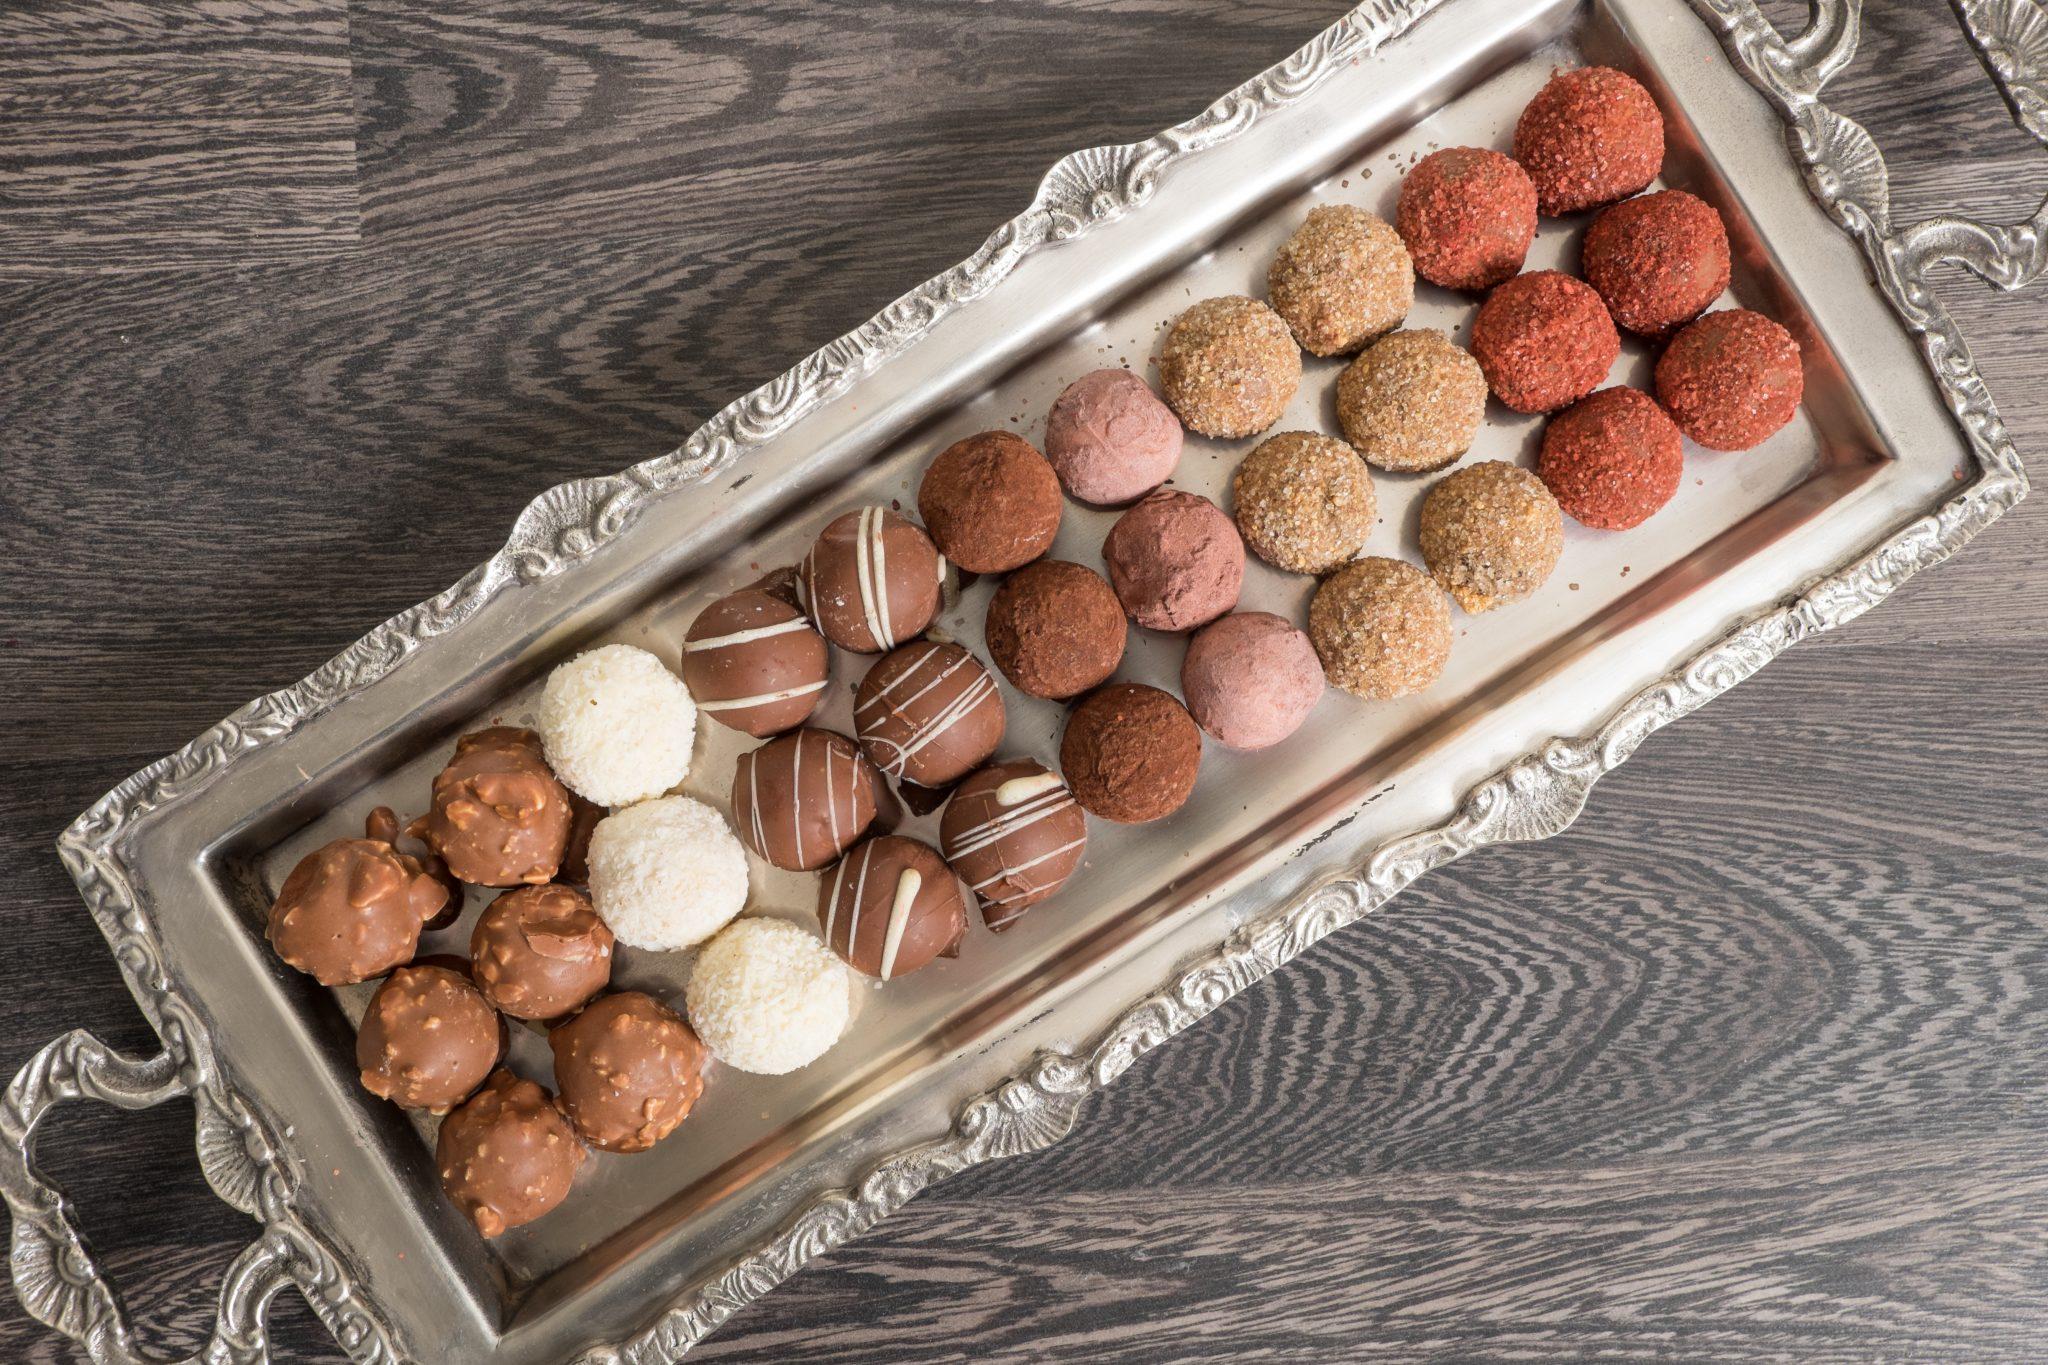 Στρογγυλα-Σοκολατάκια-Διάφορες-Γεύσεις